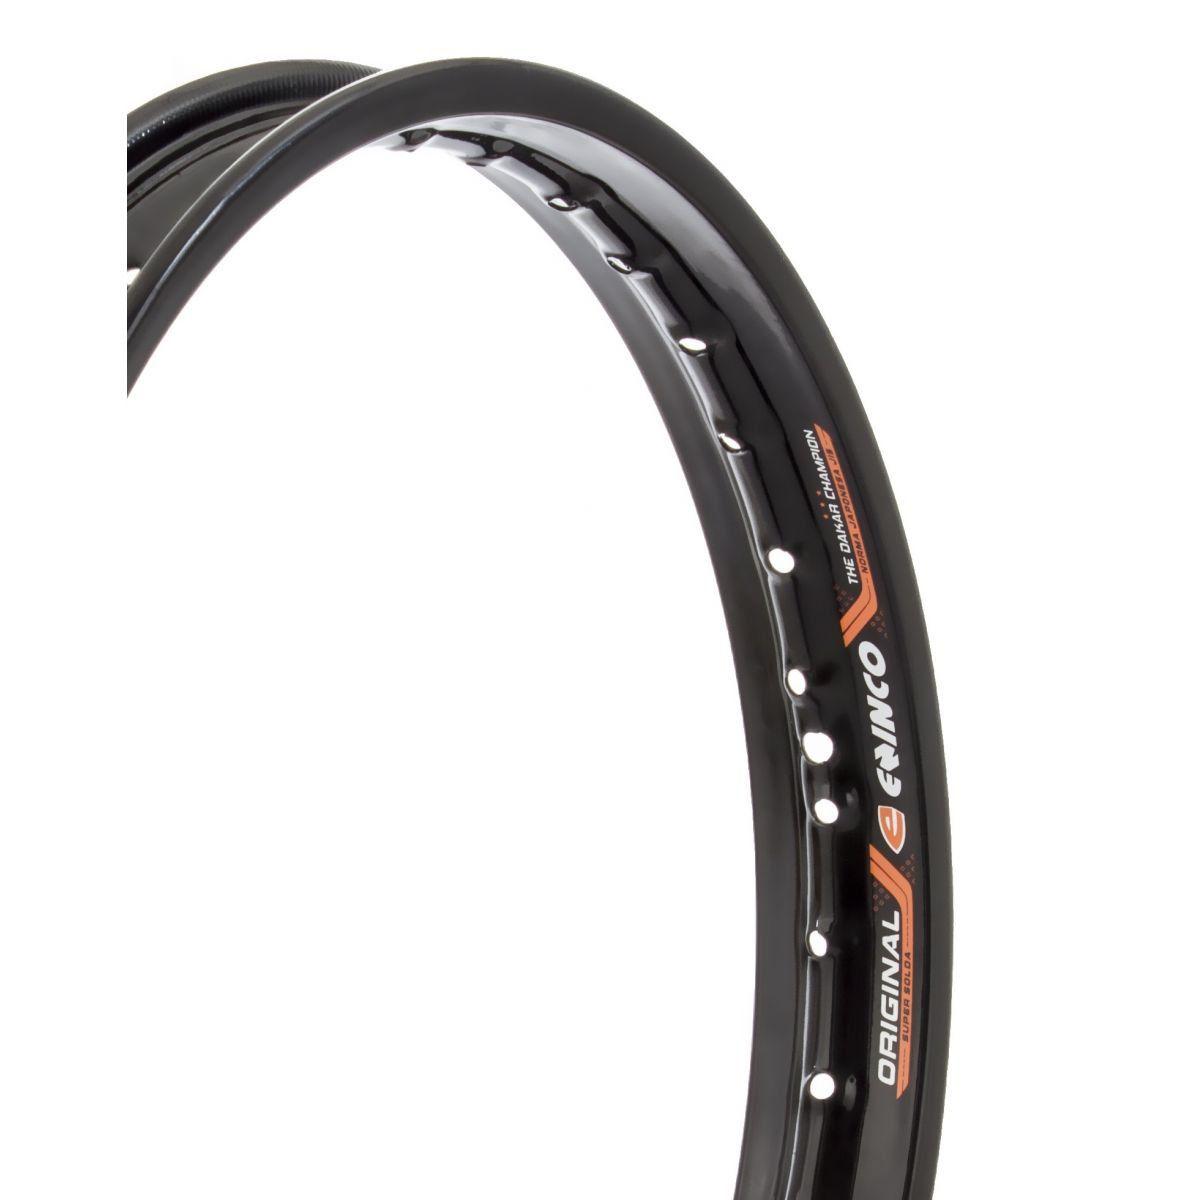 Aro de Moto Dianteiro Honda XL 250 / 350 / XLX / NX 400 Falcon - 1.60 X 21 - Preto - Eninco